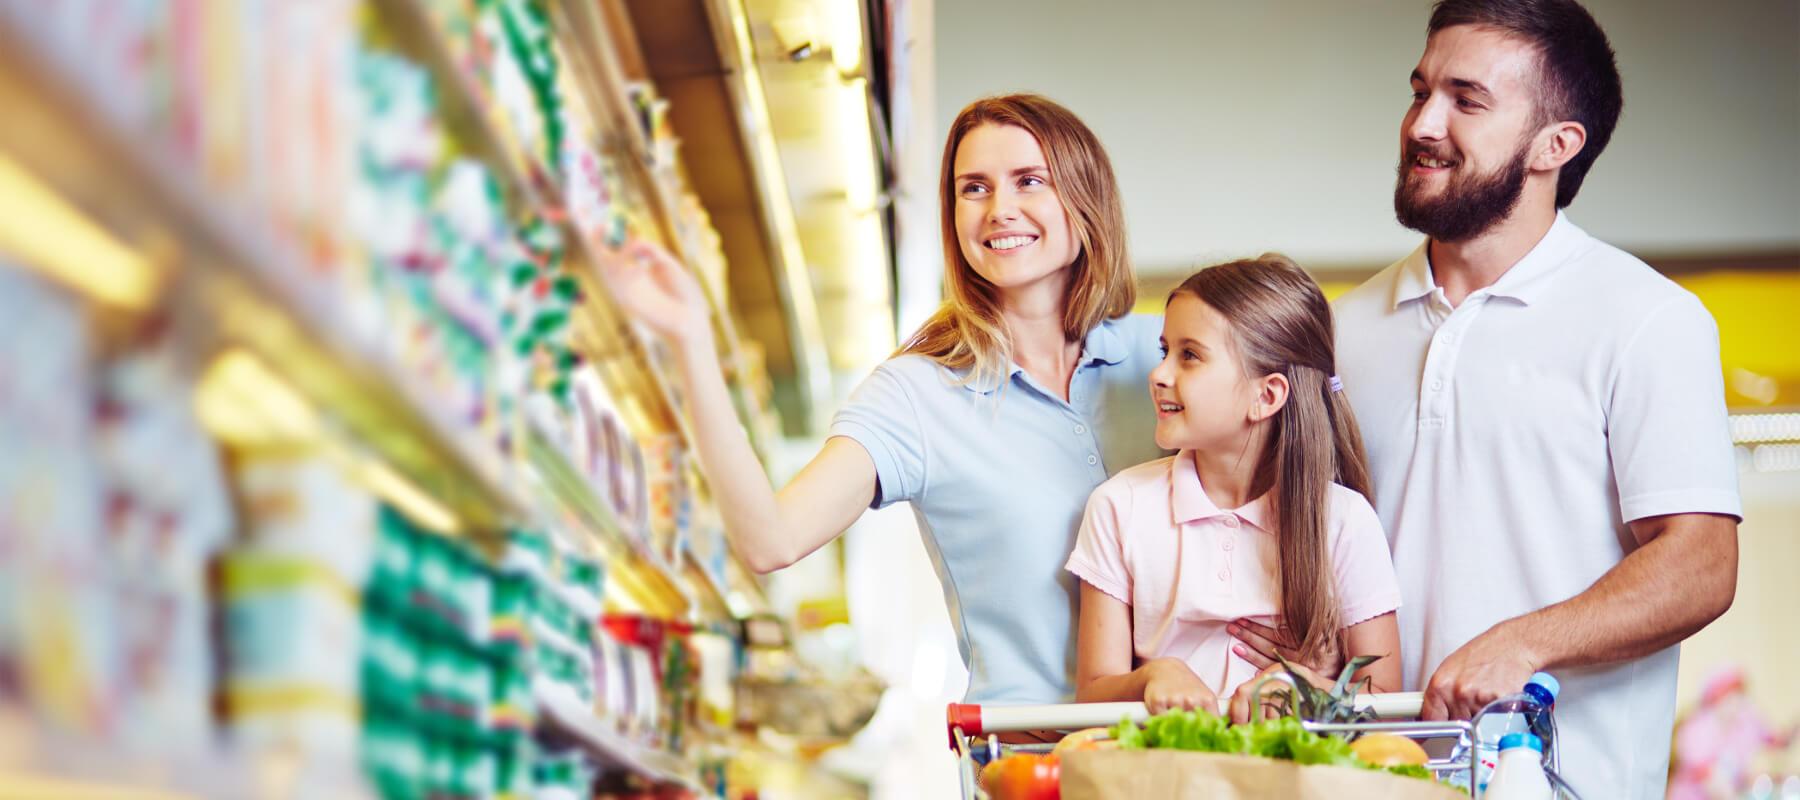 zucchero-retail-family-4